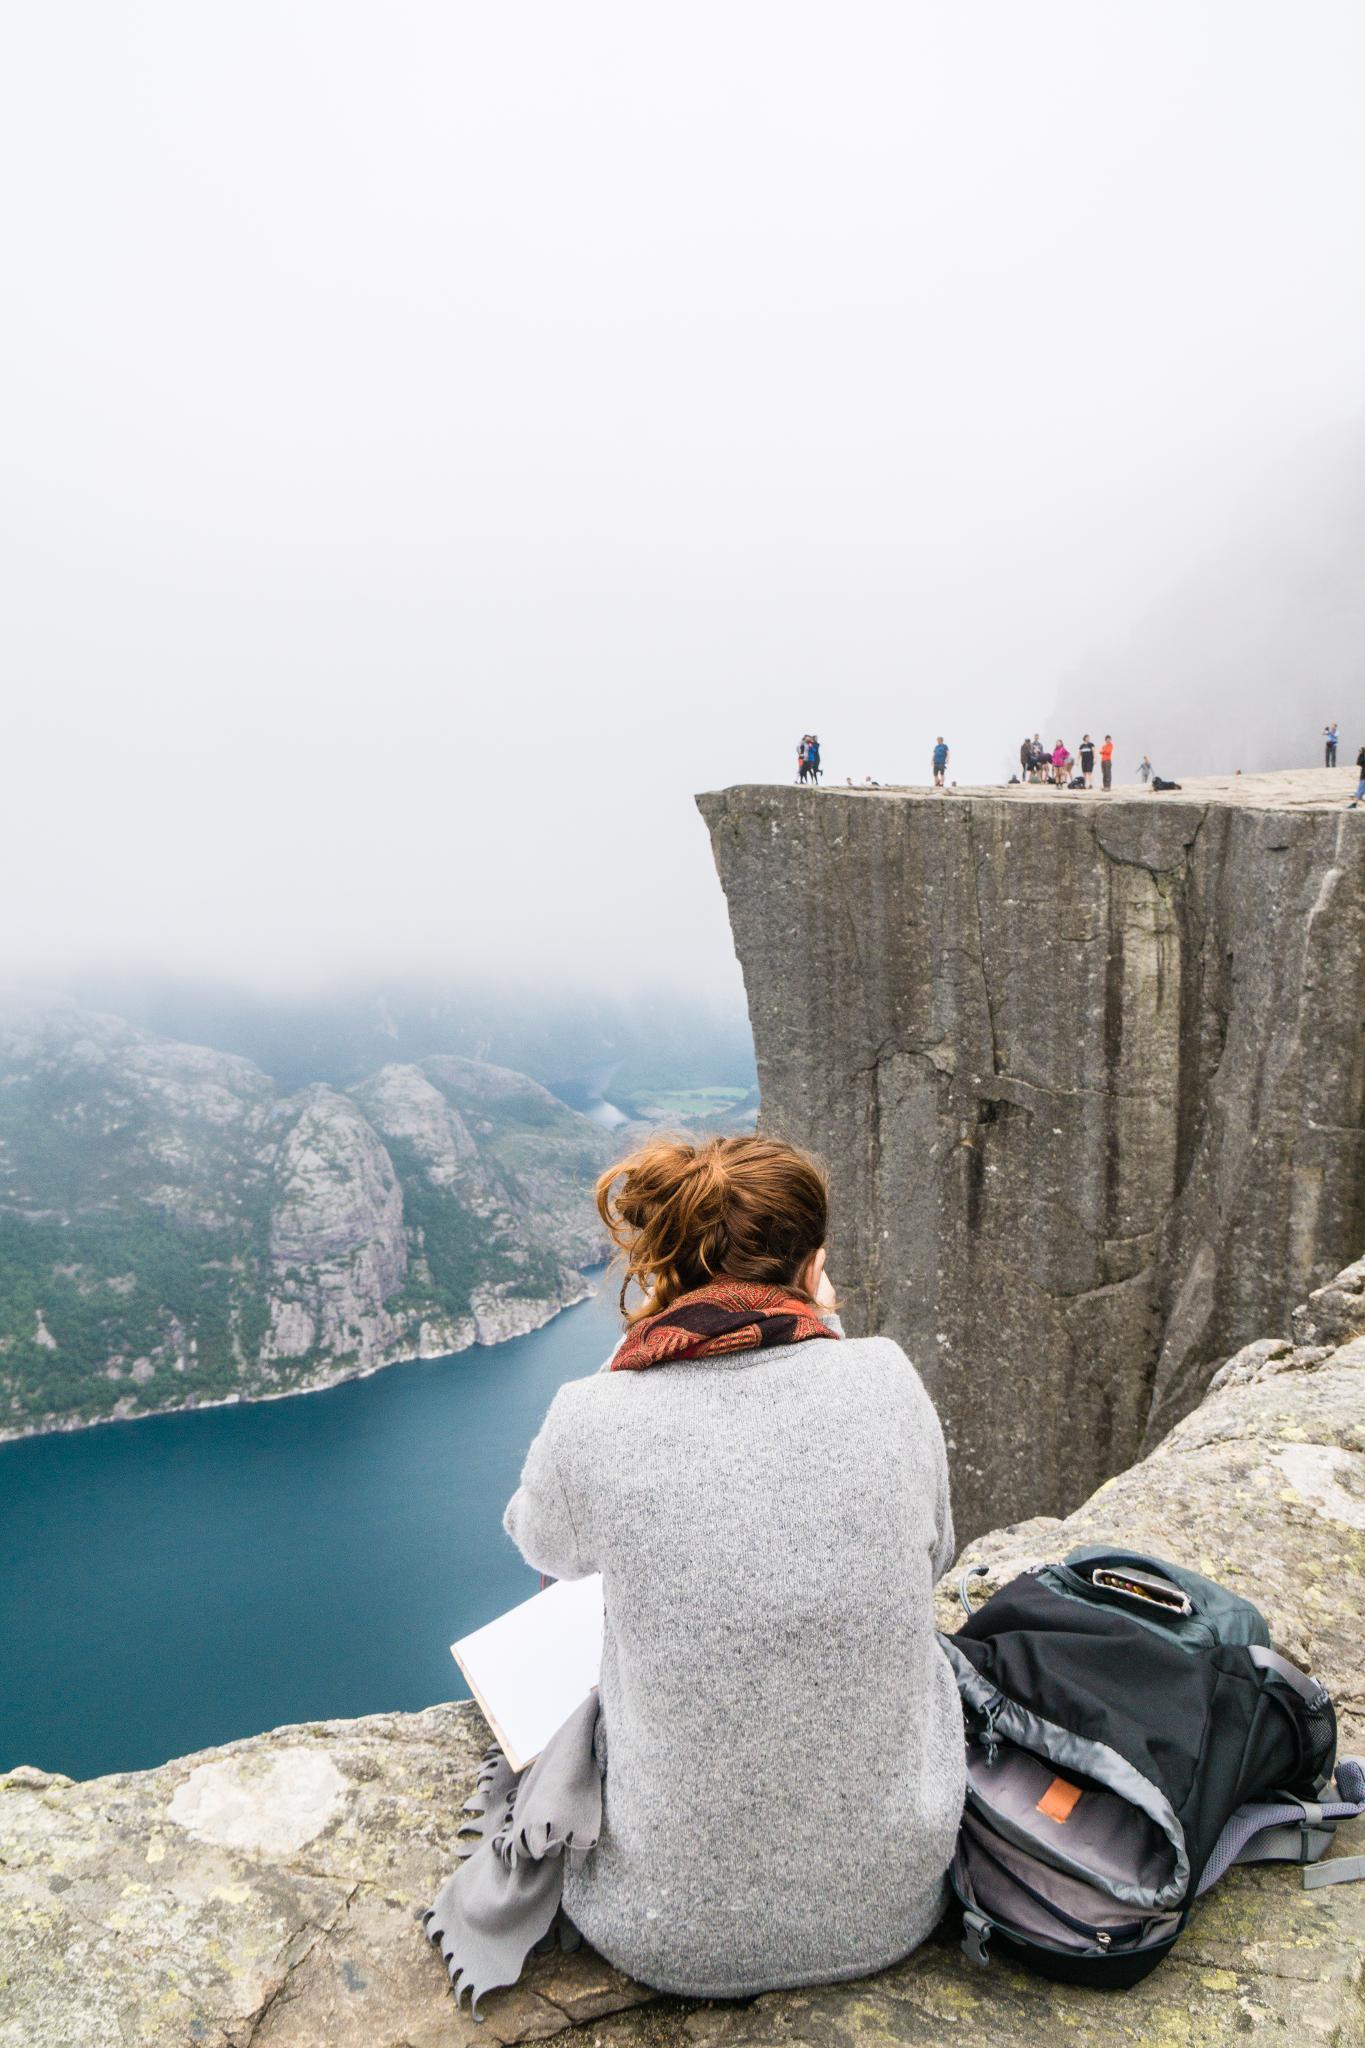 【北歐景點】朝聖挪威三大奇岩:聖壇岩Preikestolen健行紀錄 18